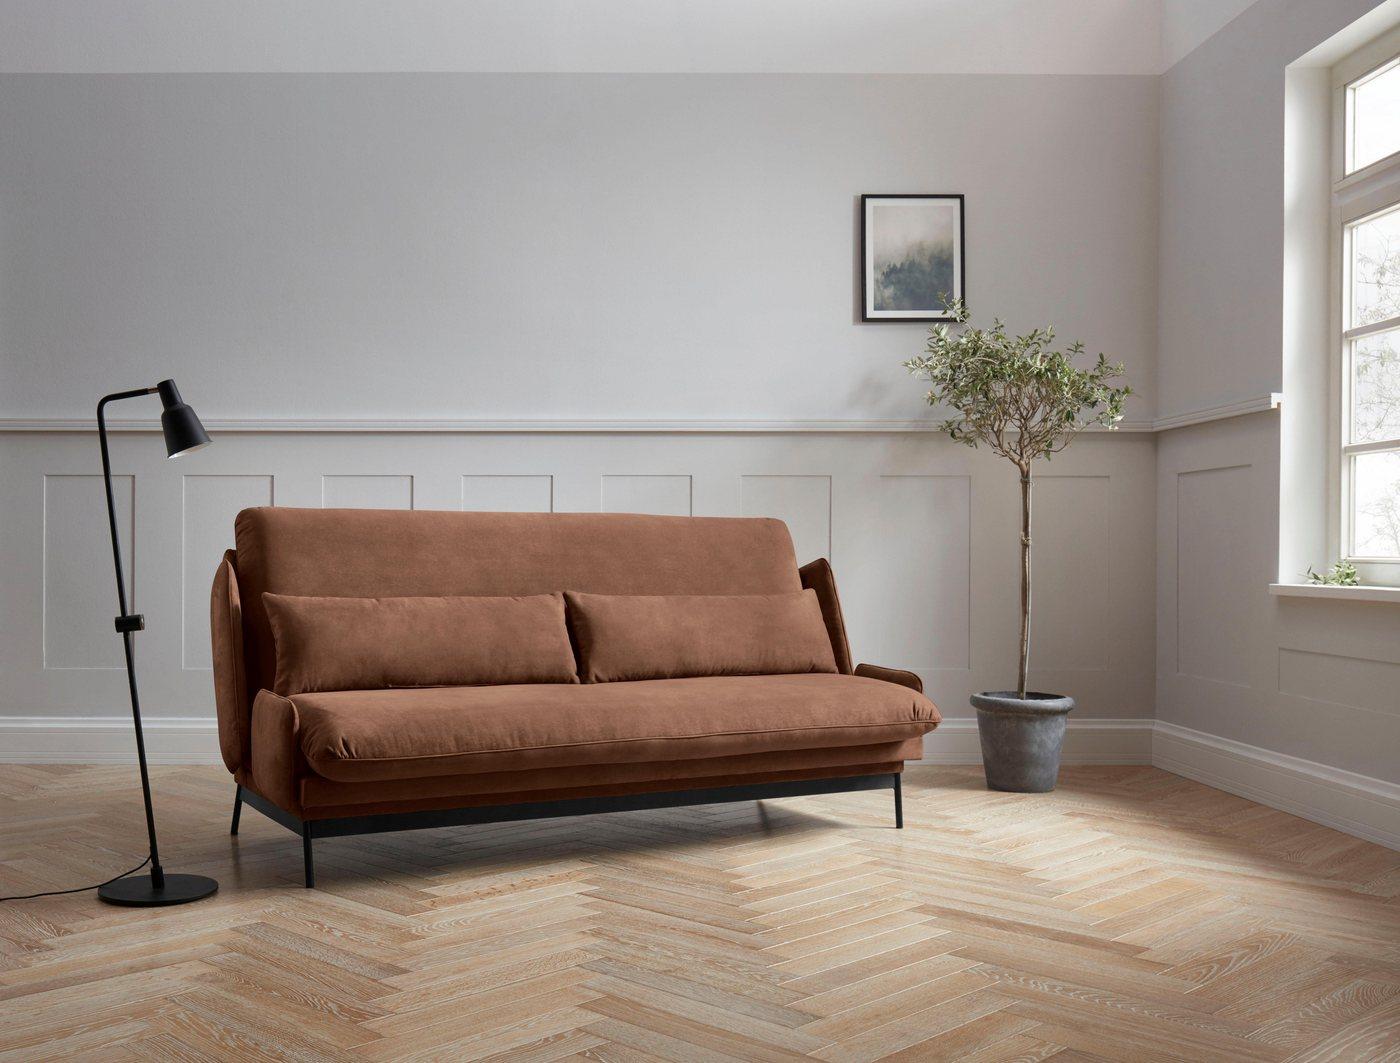 Schlafsofas - andas Schlafsofa »Skibby«, Breite 220cm, klappbar, in 3 Qualitäten, Design by Morten Georgsen  - Onlineshop OTTO